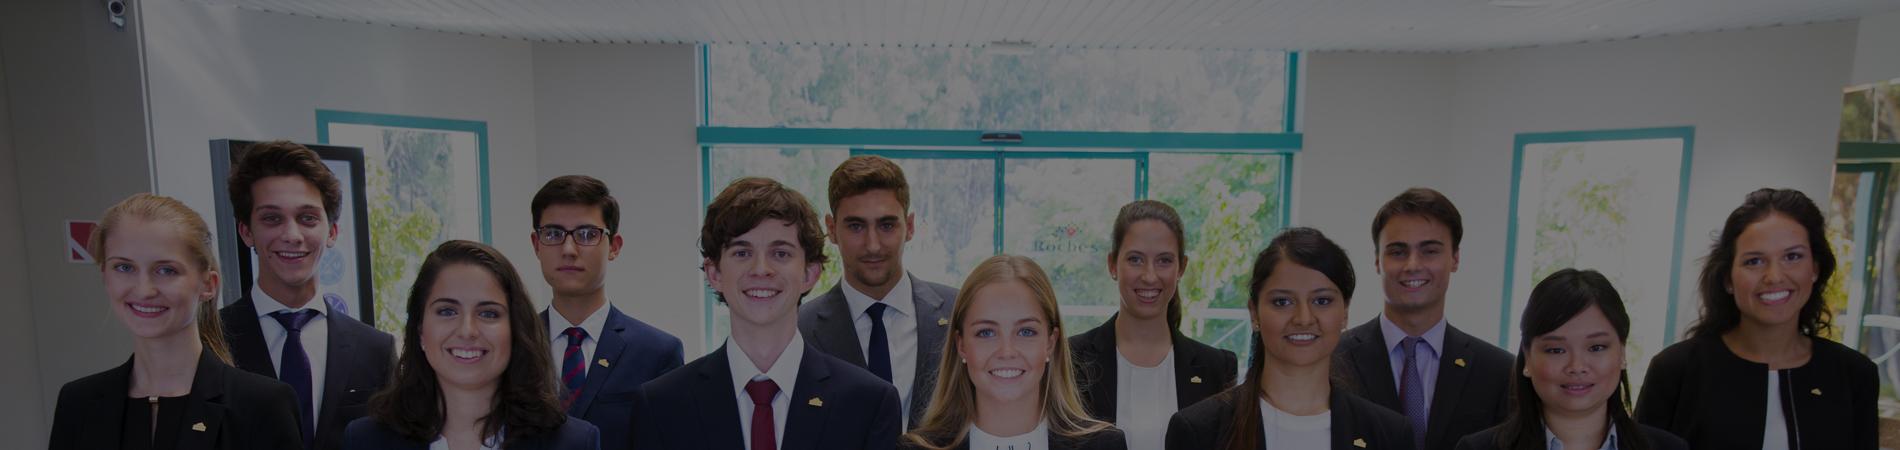 Estudiantes aceptados en Les Roches Marbella